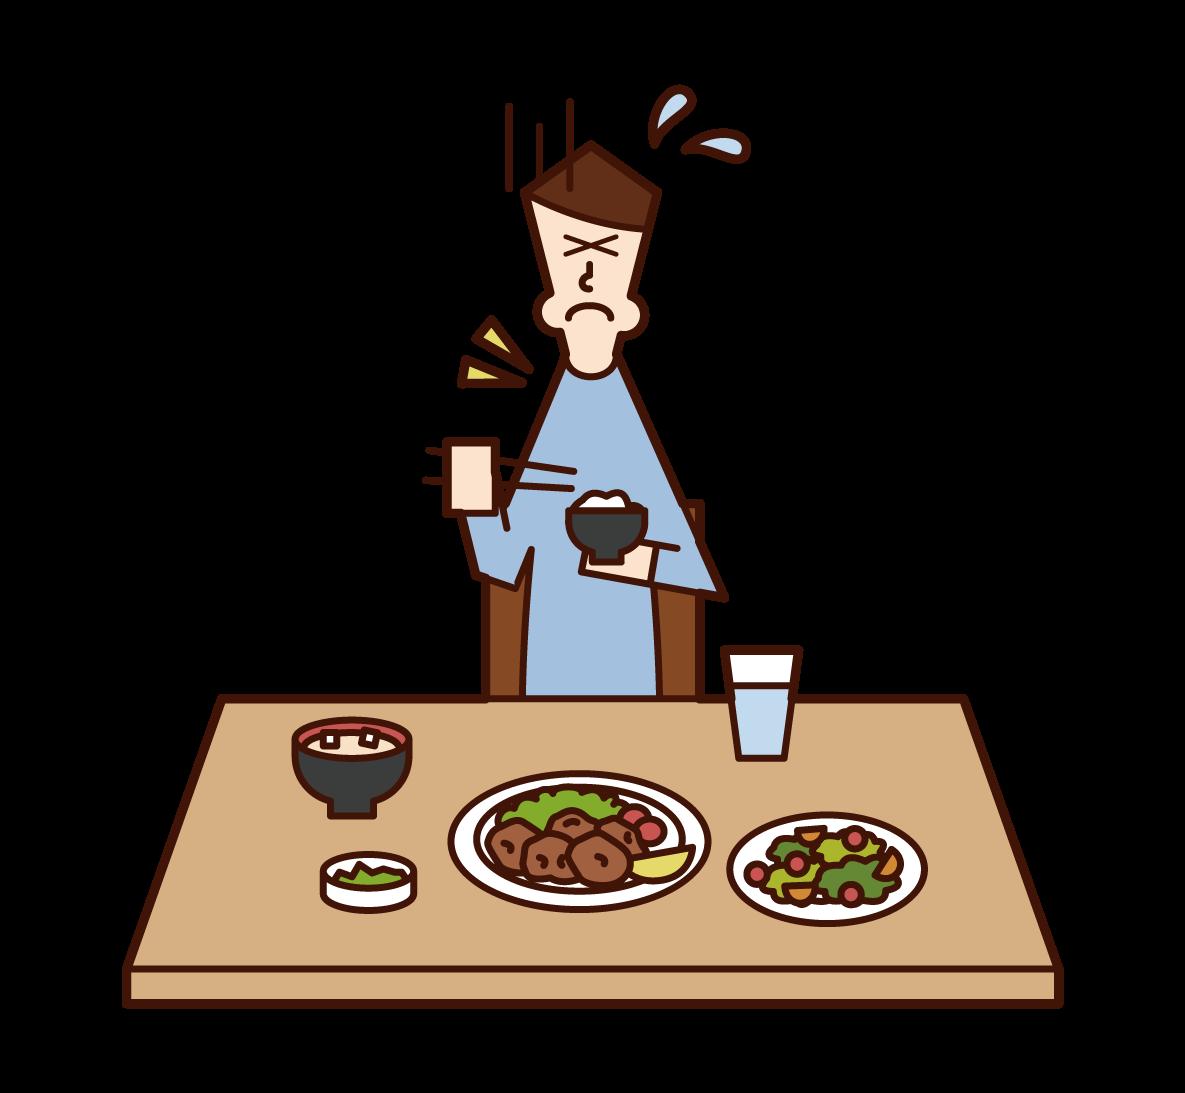 食べ物を喉に詰まらせた人(男性)のイラスト